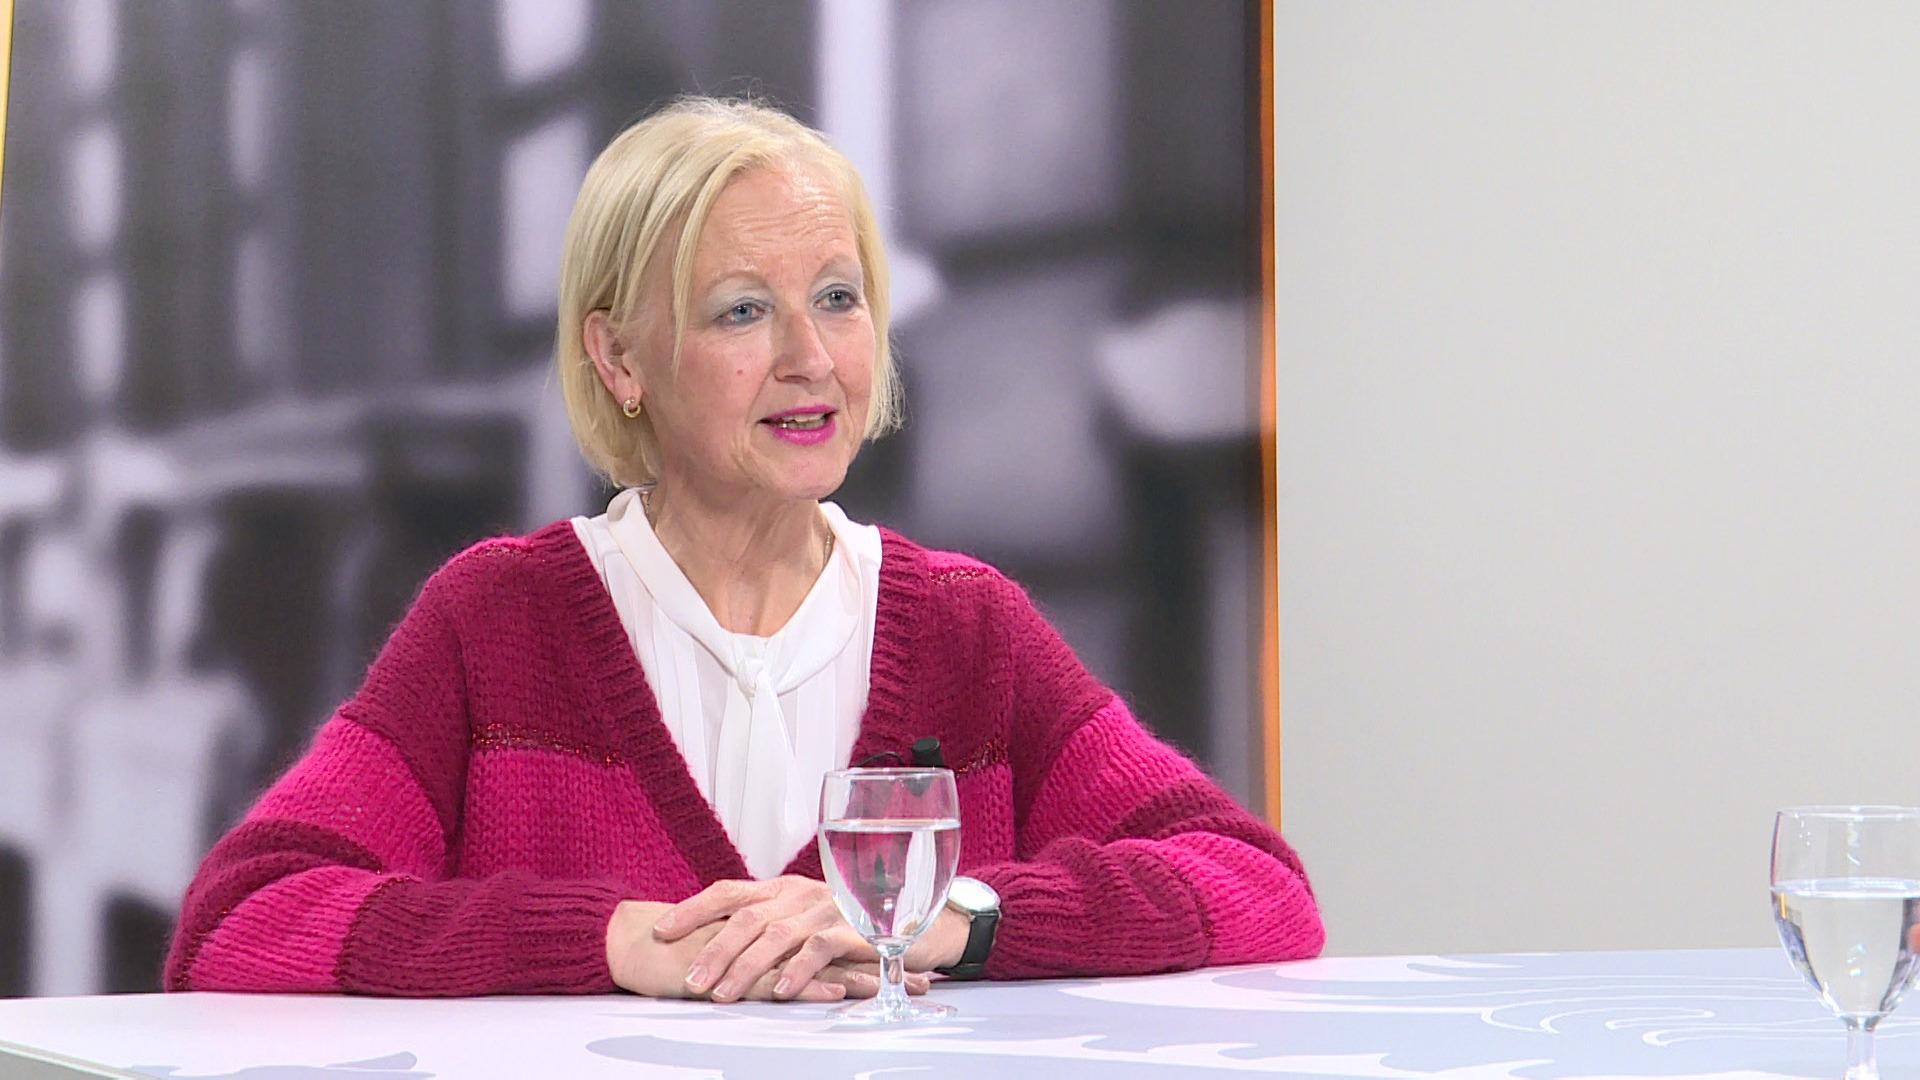 Studio Vlaams Parlement: Vera Celis over het tekort aan leerkrachten in Vlaanderen